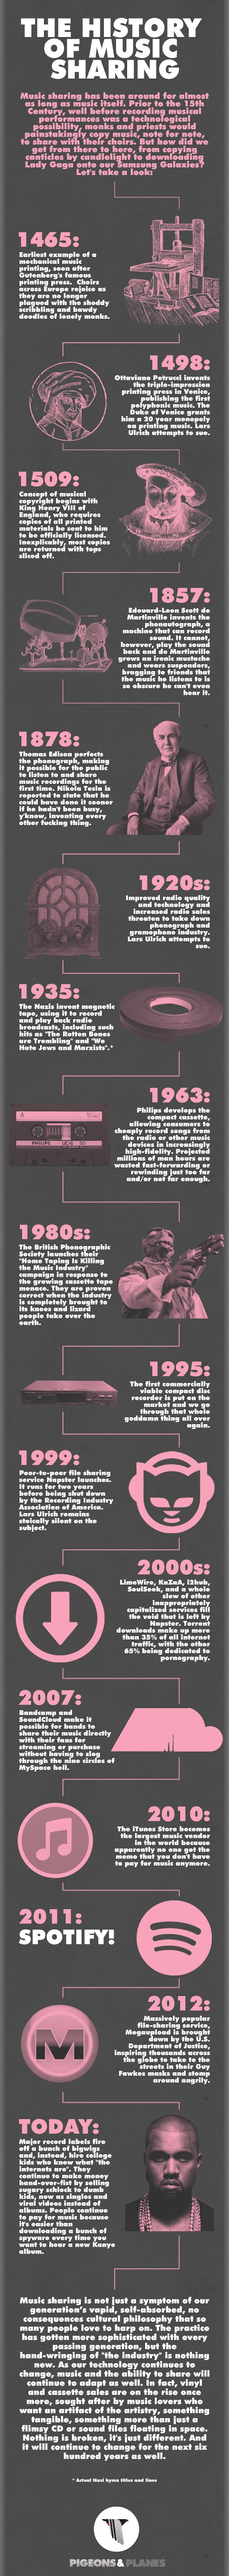 500 years of music sharing